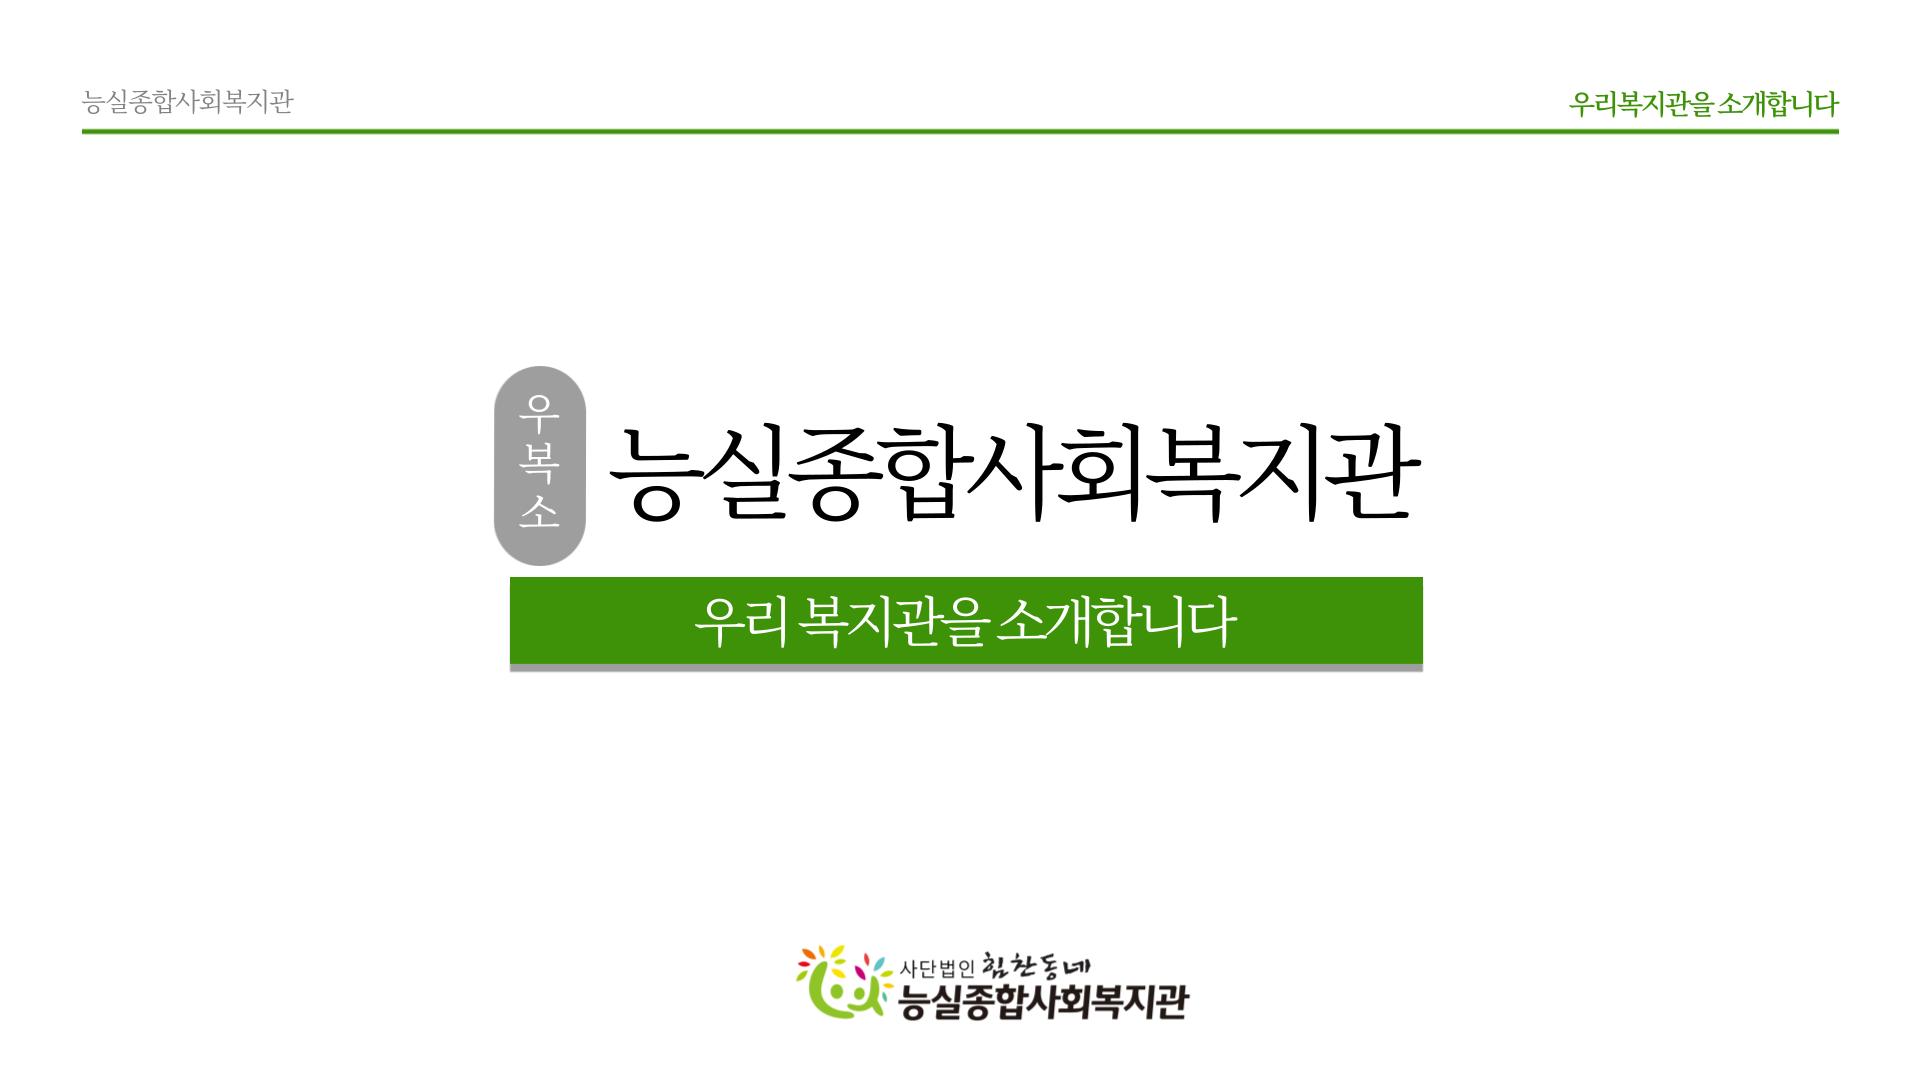 우복소_능실종합사회복지관-1.png